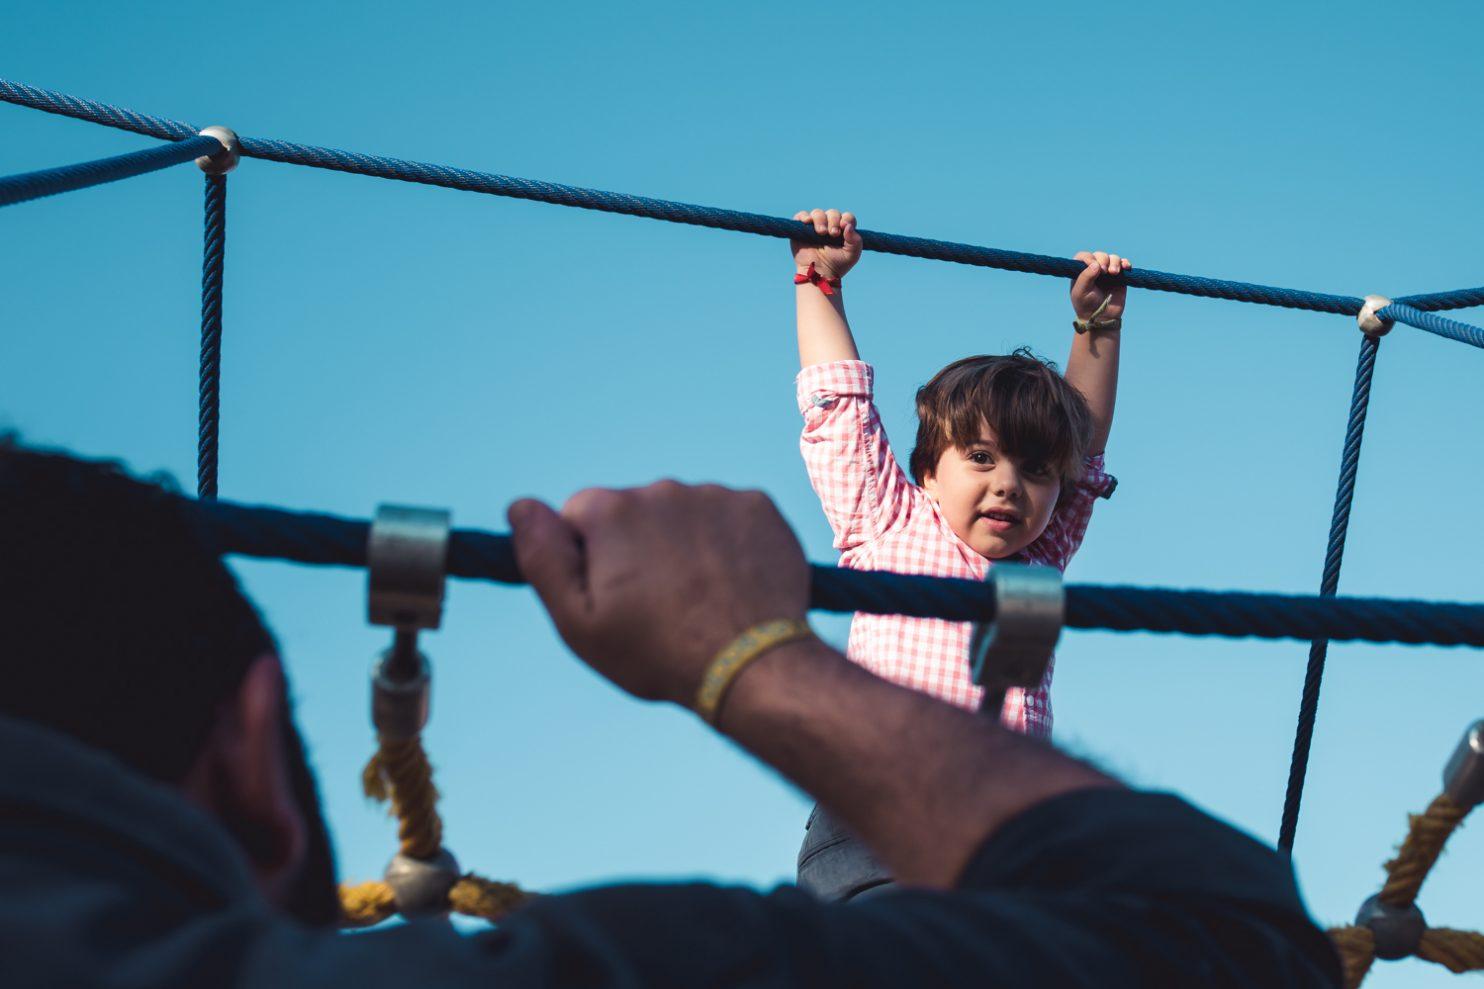 Niño jugando en un puente de cuerdas del parque infantil